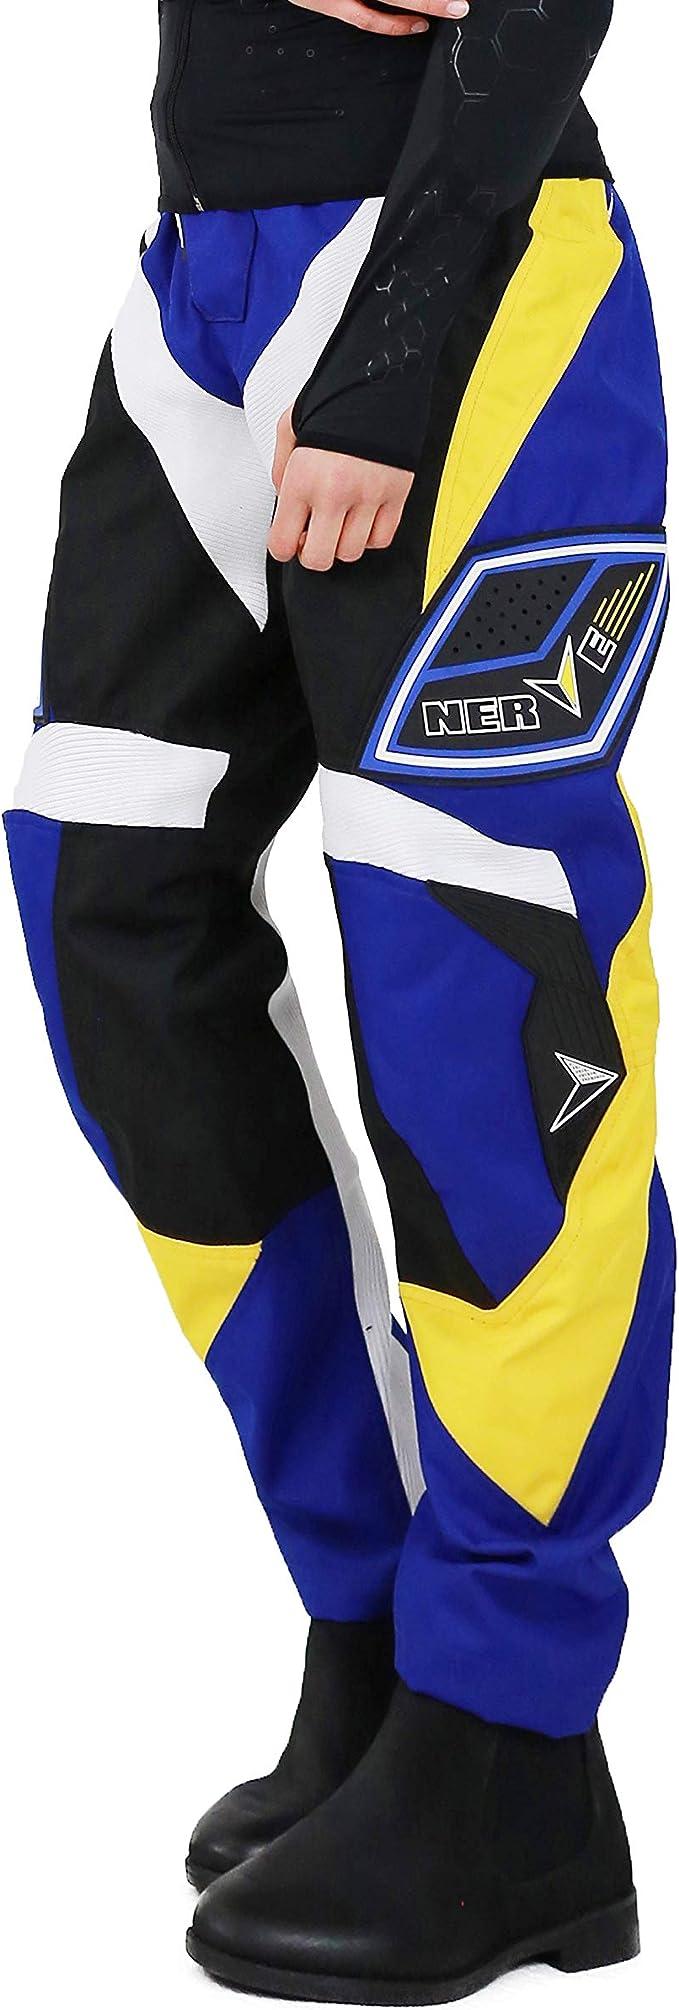 Nerve Shop Motocross Enduro Offroad Quad Cross Hose Herren Damen Schwarz Blau L Auto